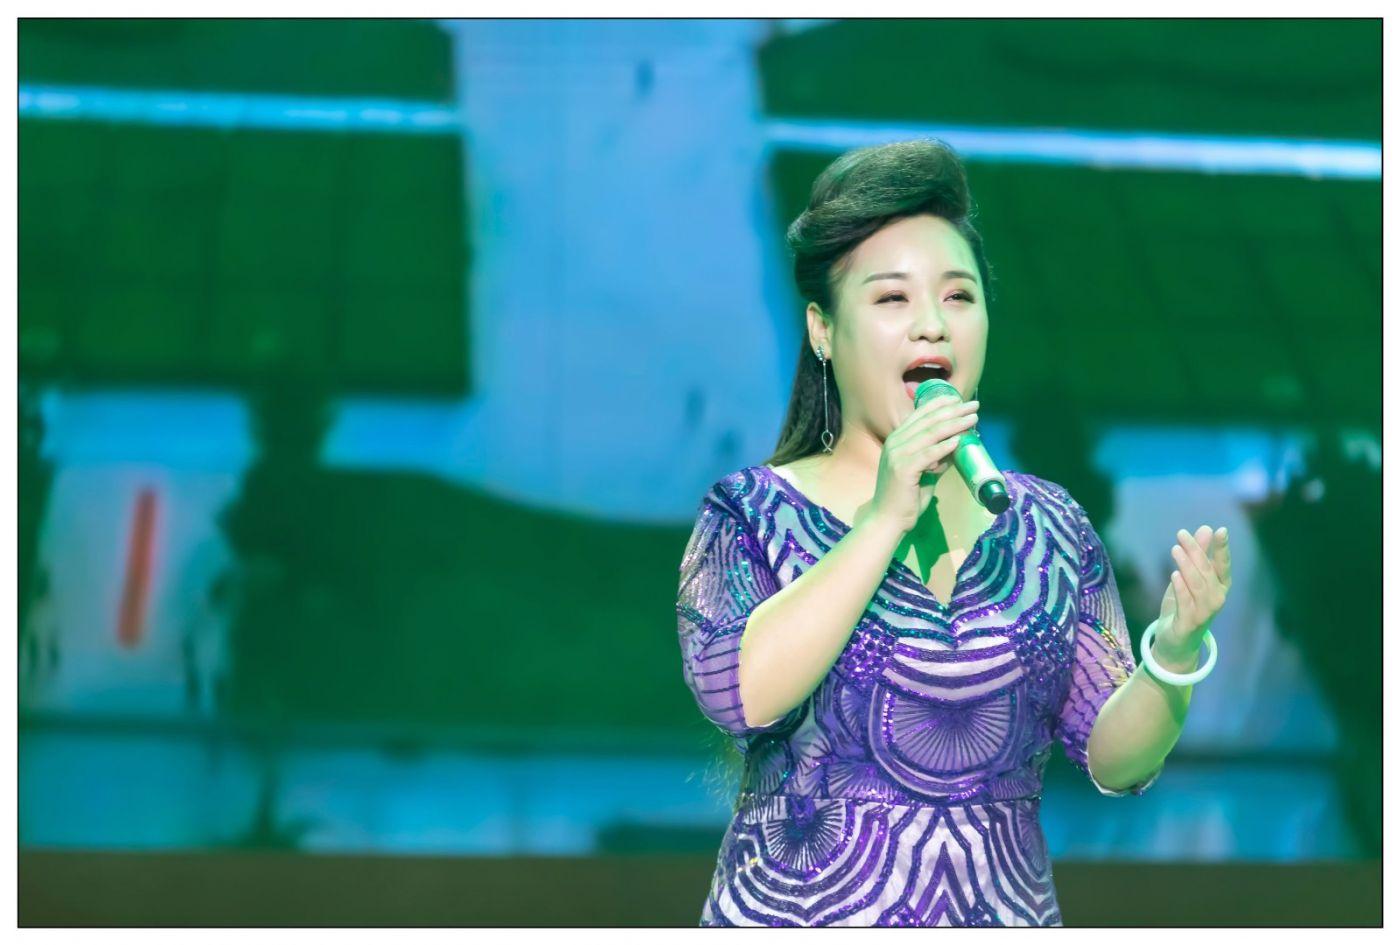 临沂姑娘杨妮妮曾感动春晚总动员 今晚在临沂电视台大放异彩 ..._图1-1